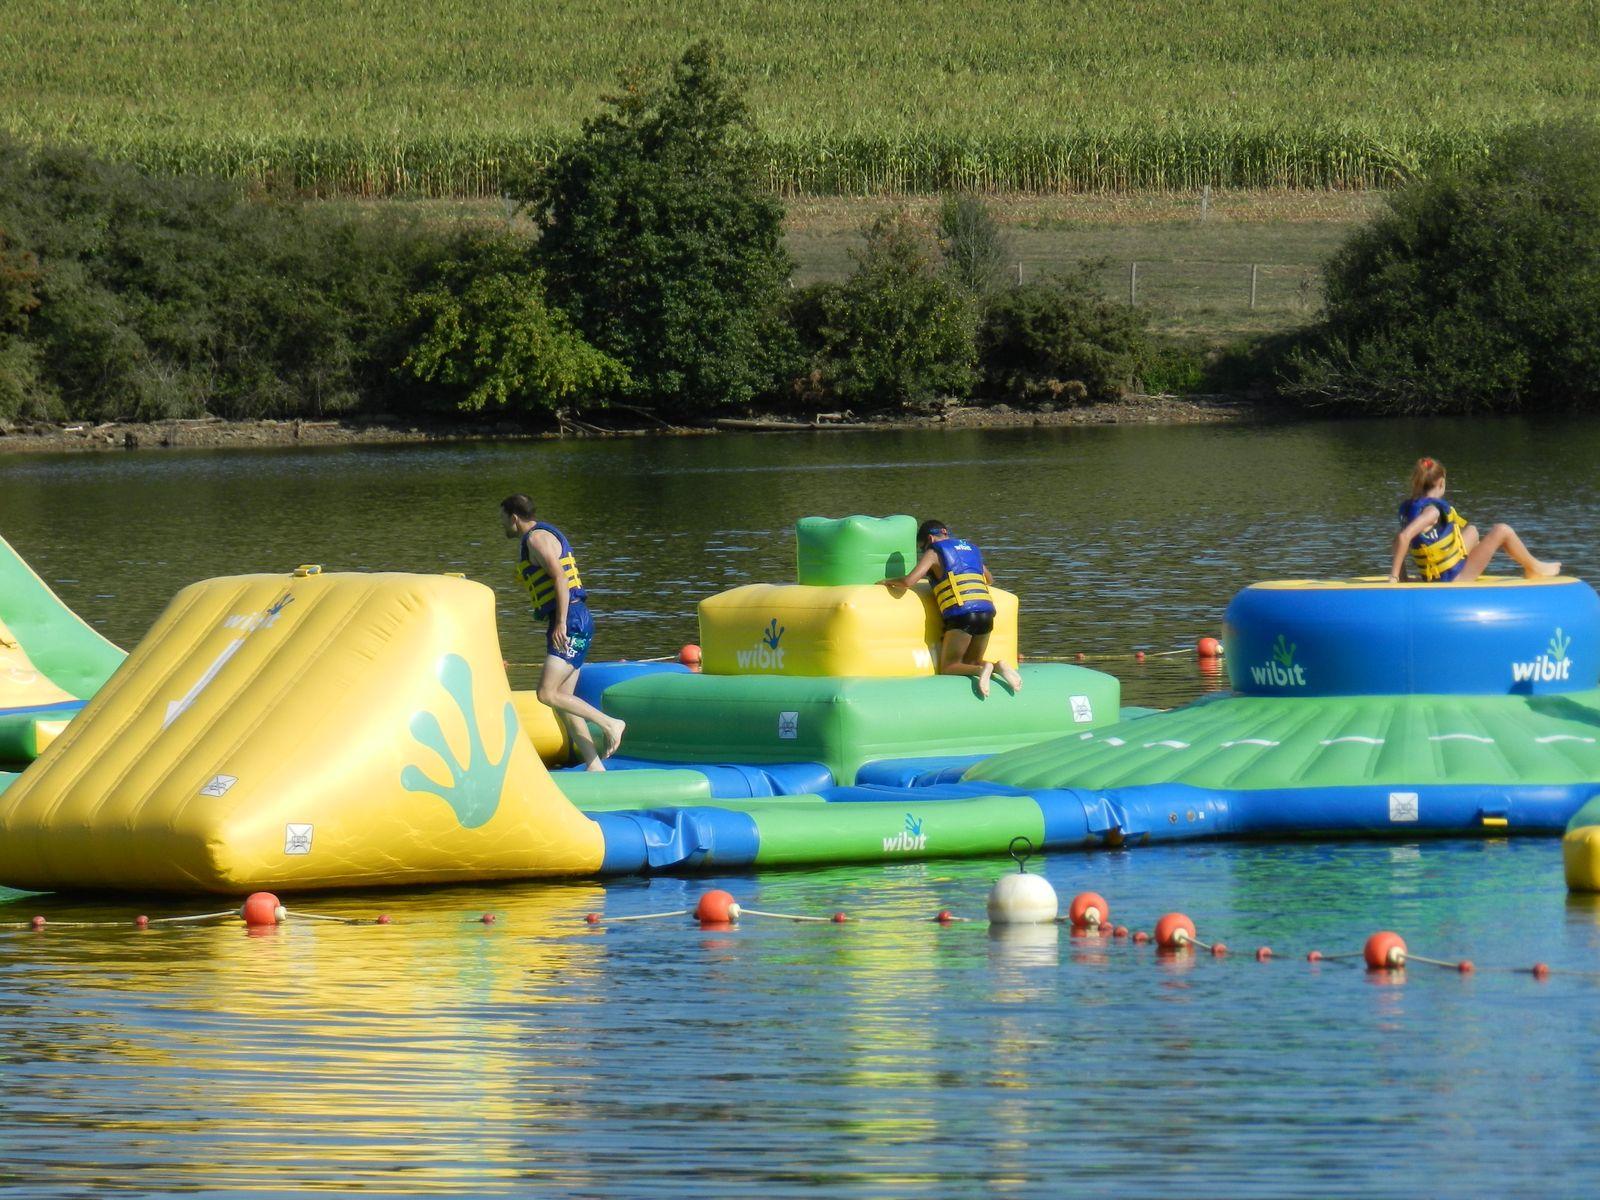 Base de loisirs à  La Haie Traversaine à 10 kms. Plusieurs Activités nautiques Adultes et Enfants.